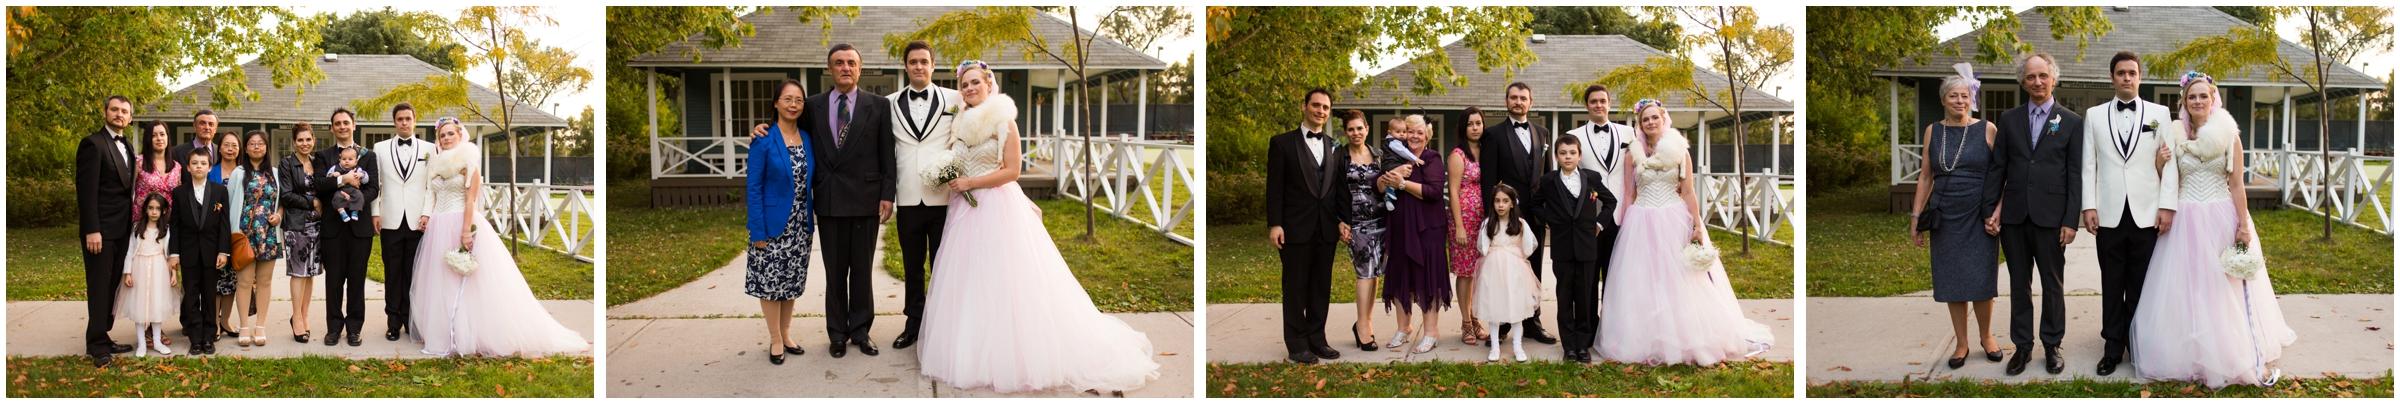 EA Wedding (Selena Phillips-Boyle)_0054.jpg